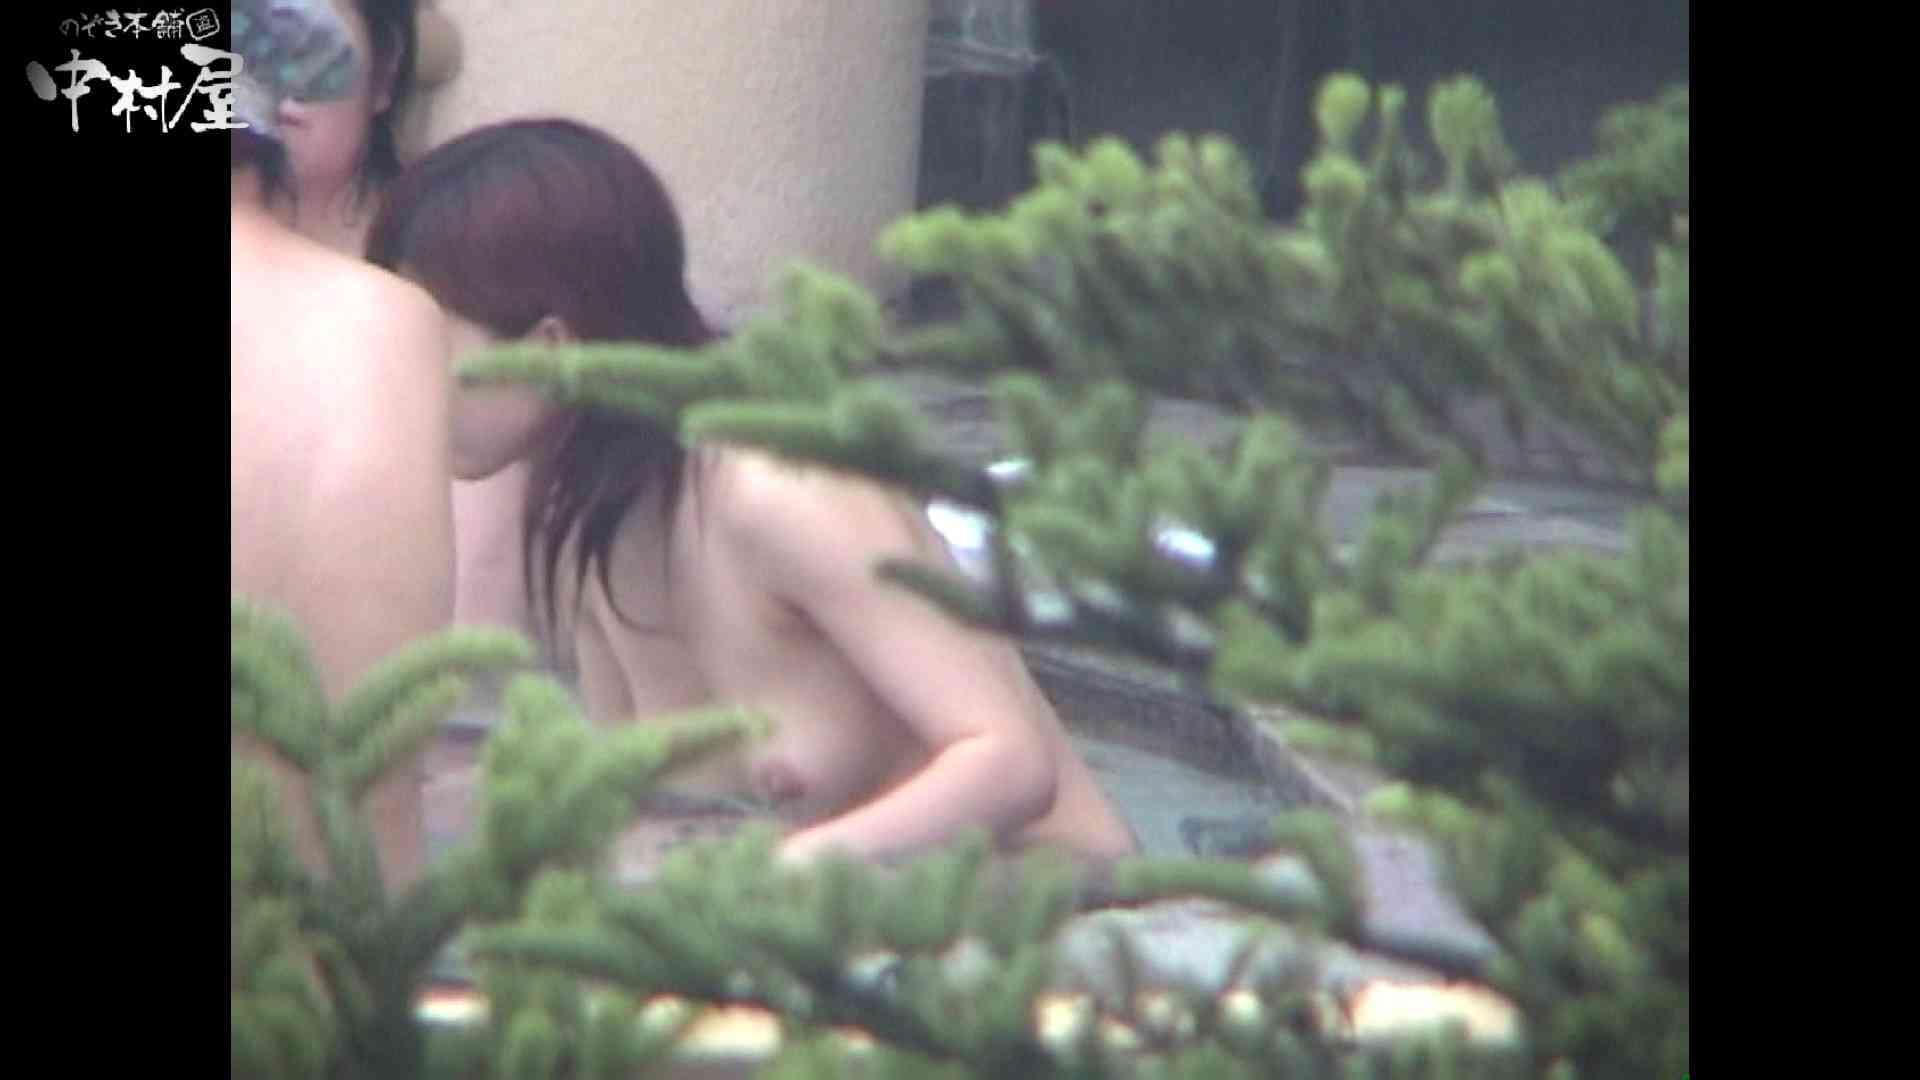 Aquaな露天風呂Vol.962 美しいOLの裸体 オマンコ無修正動画無料 74pic 50